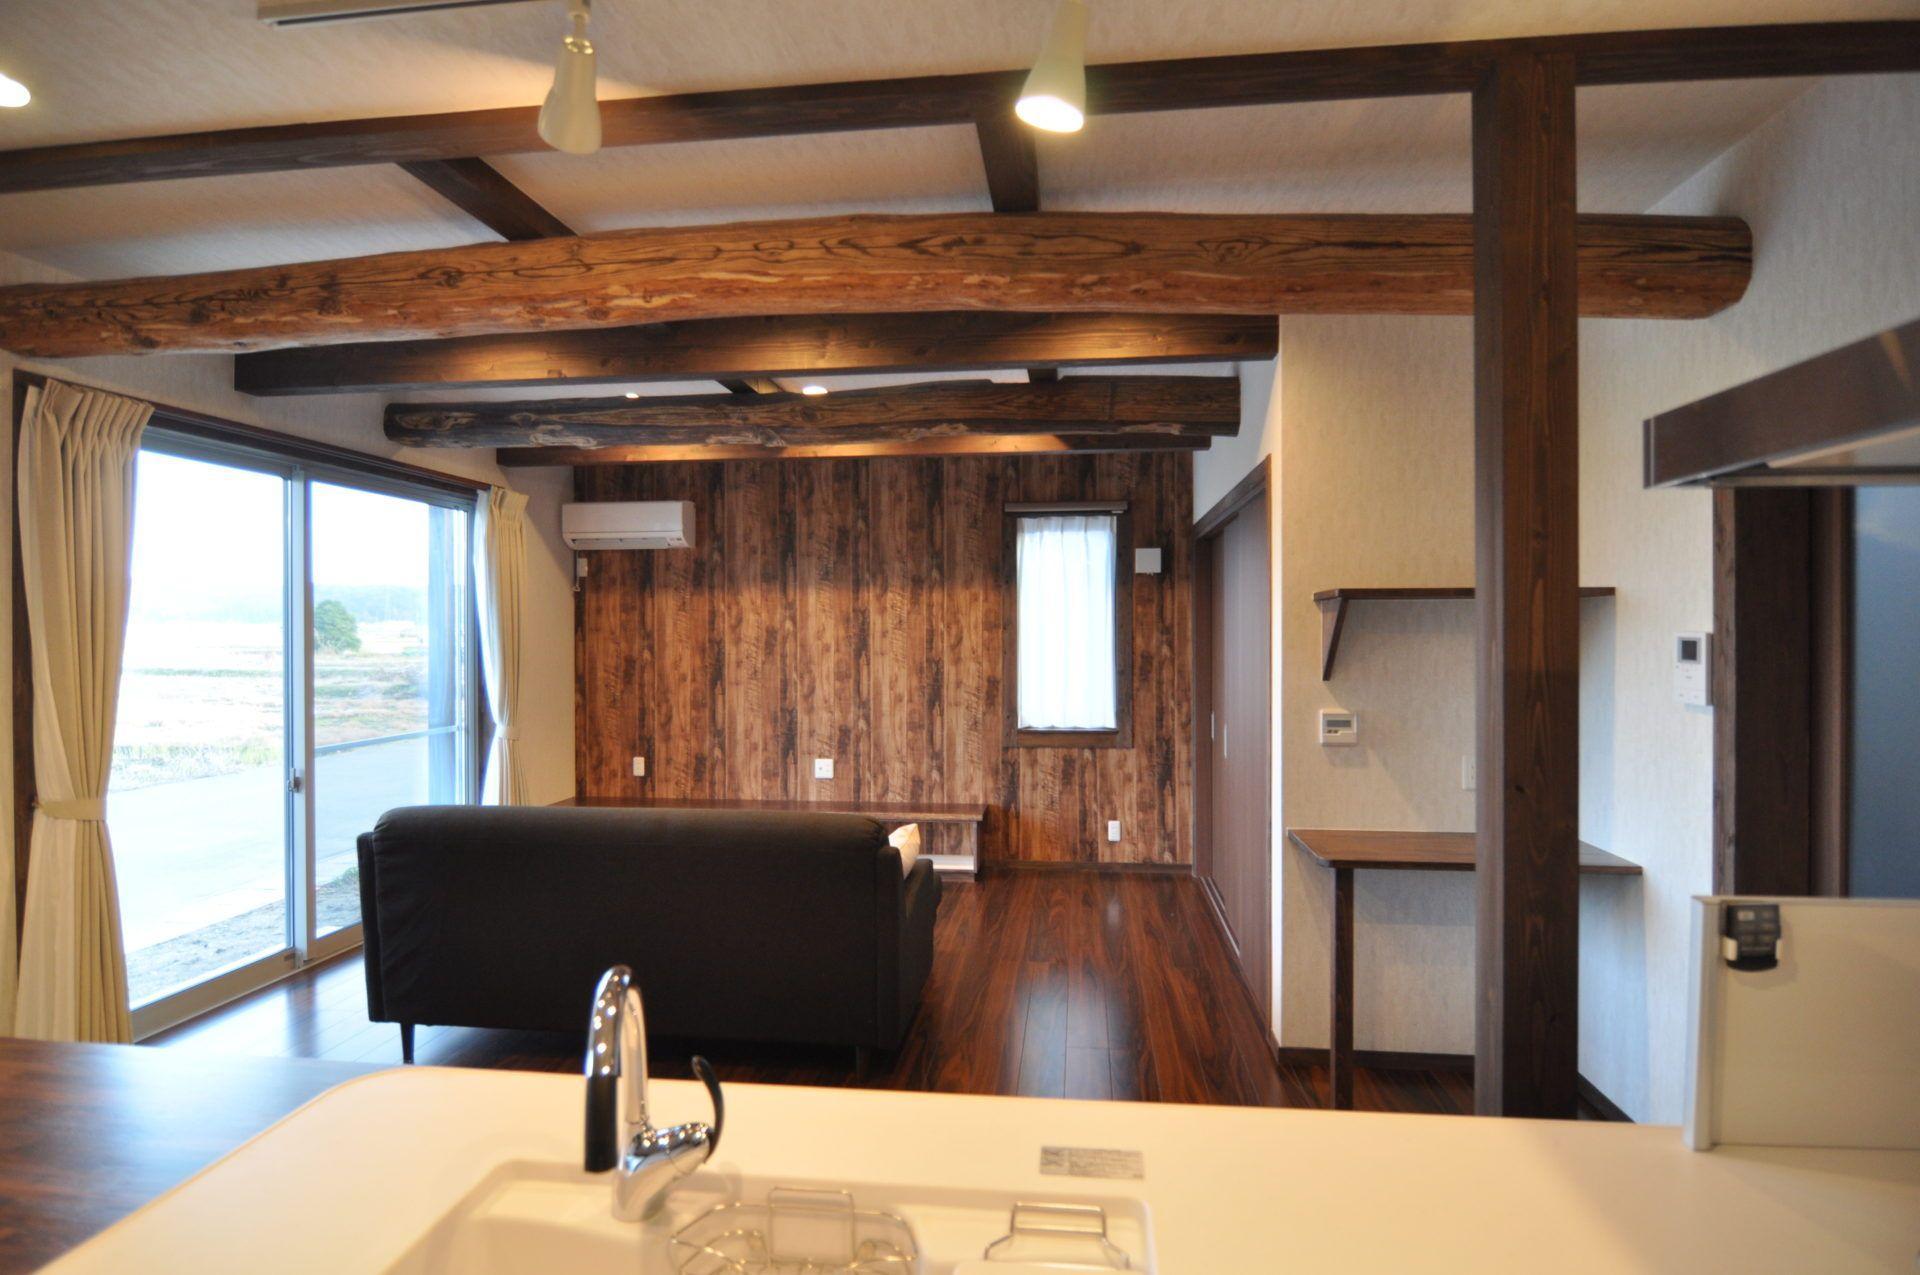 有限会社 市川建築店 1級建築士事務所「三条市 I様邸」の和風・和モダンなリビング・ダイニングの実例写真